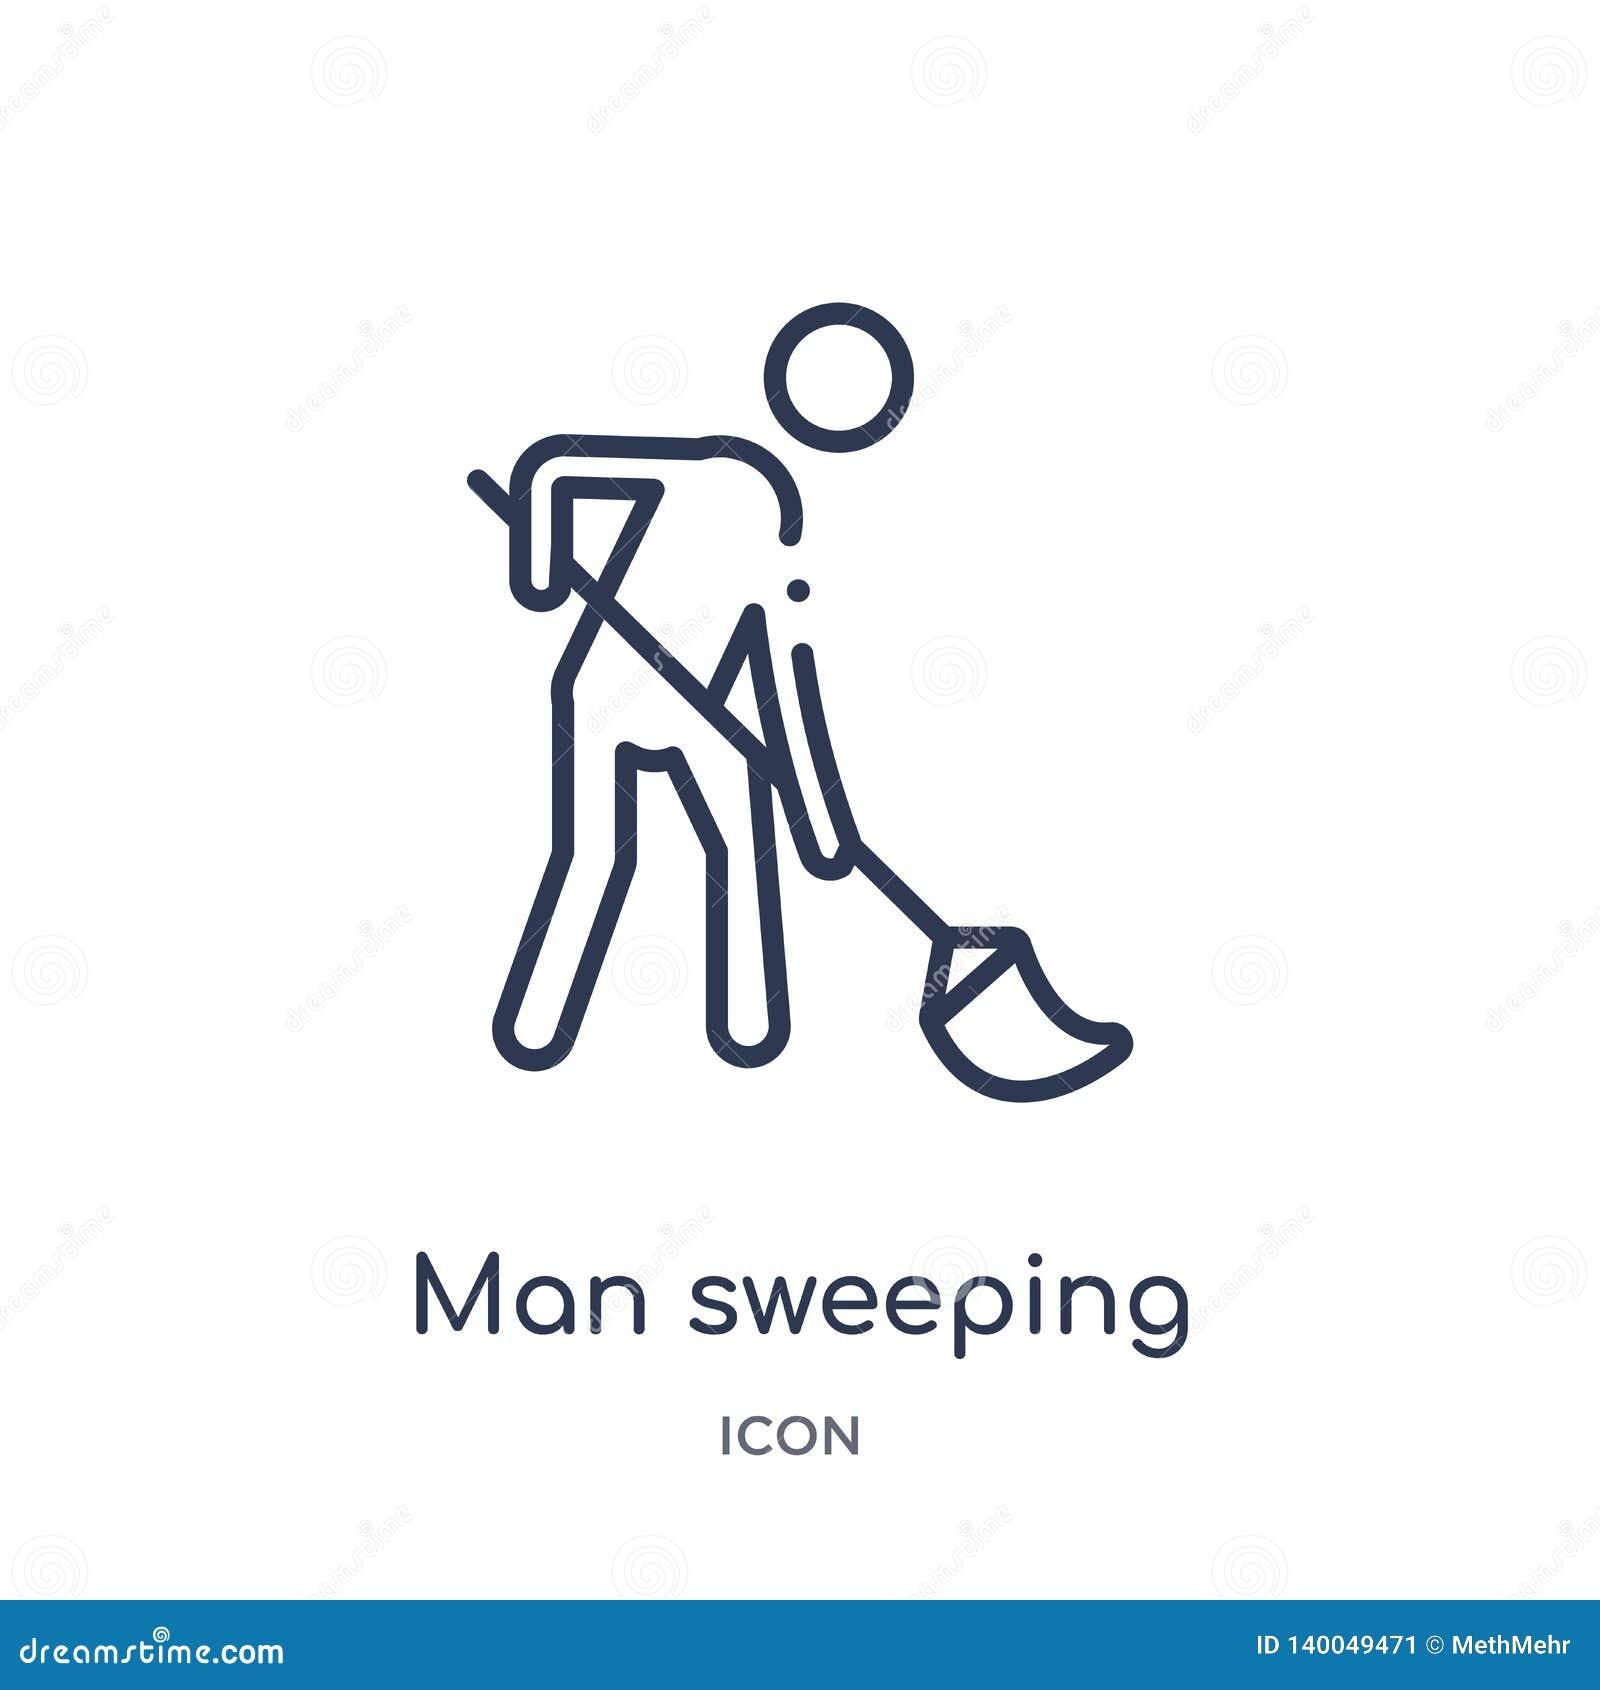 Uomo lineare che spazza icona dalla raccolta del profilo di comportamento Linea uomo sottile che spazza vettore isolato su fondo